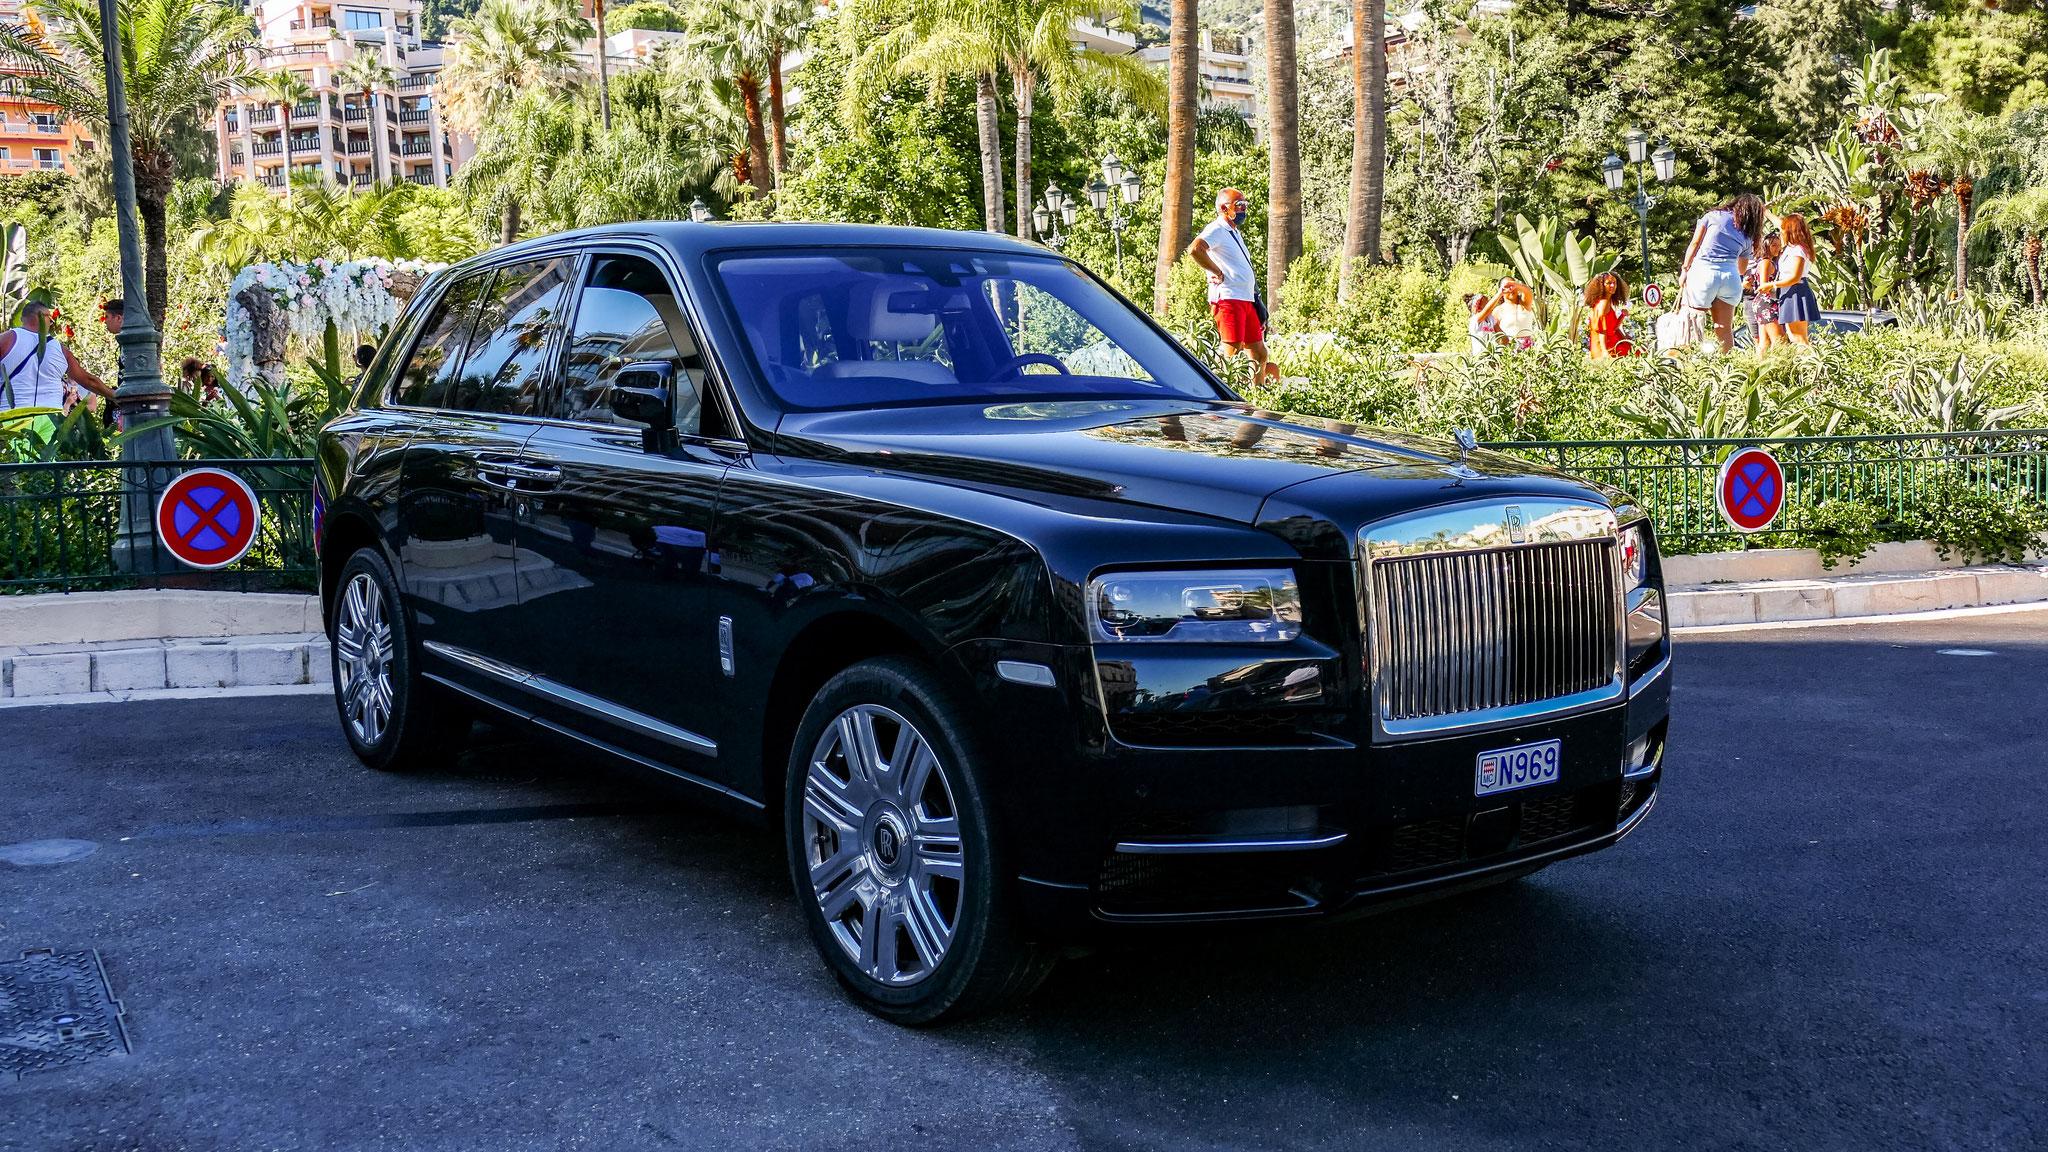 Rolls Royce Cullinan - N969 (MC)